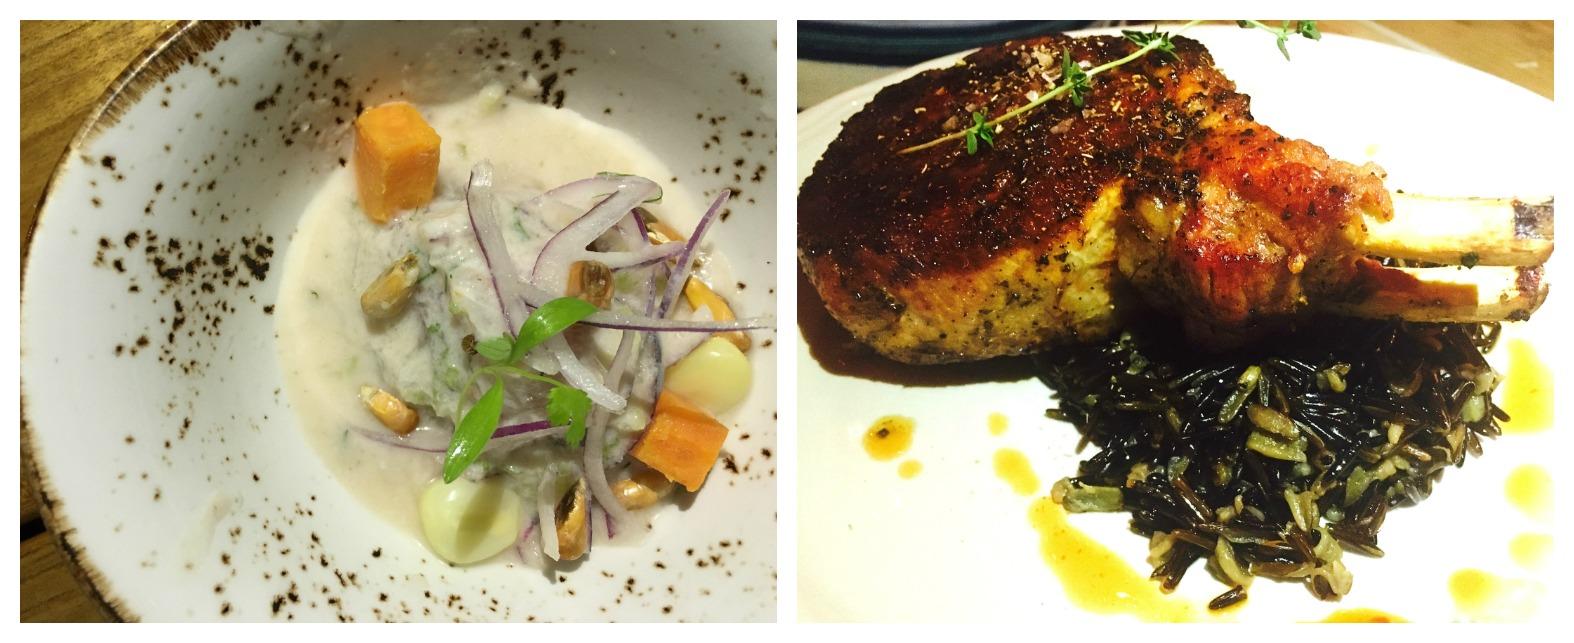 La Mar Ceviche and La Fresca Pork chop